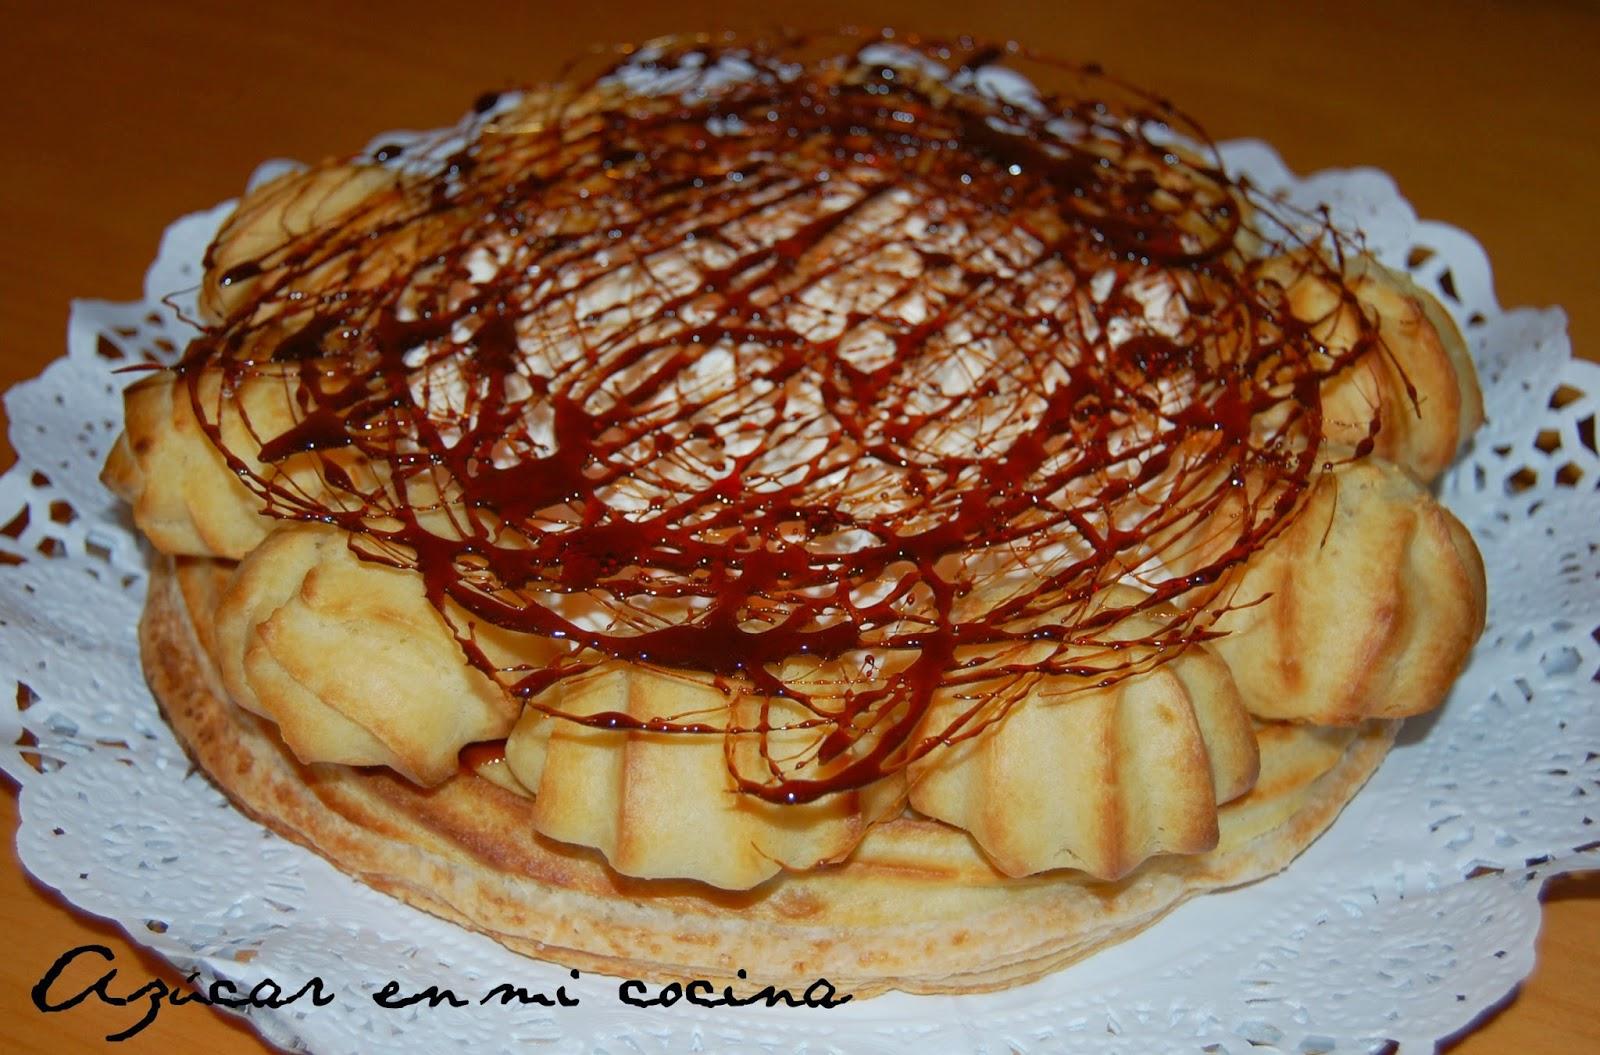 http://azucarenmicocina.blogspot.com.es/2014/03/pastel-saint-honore.html